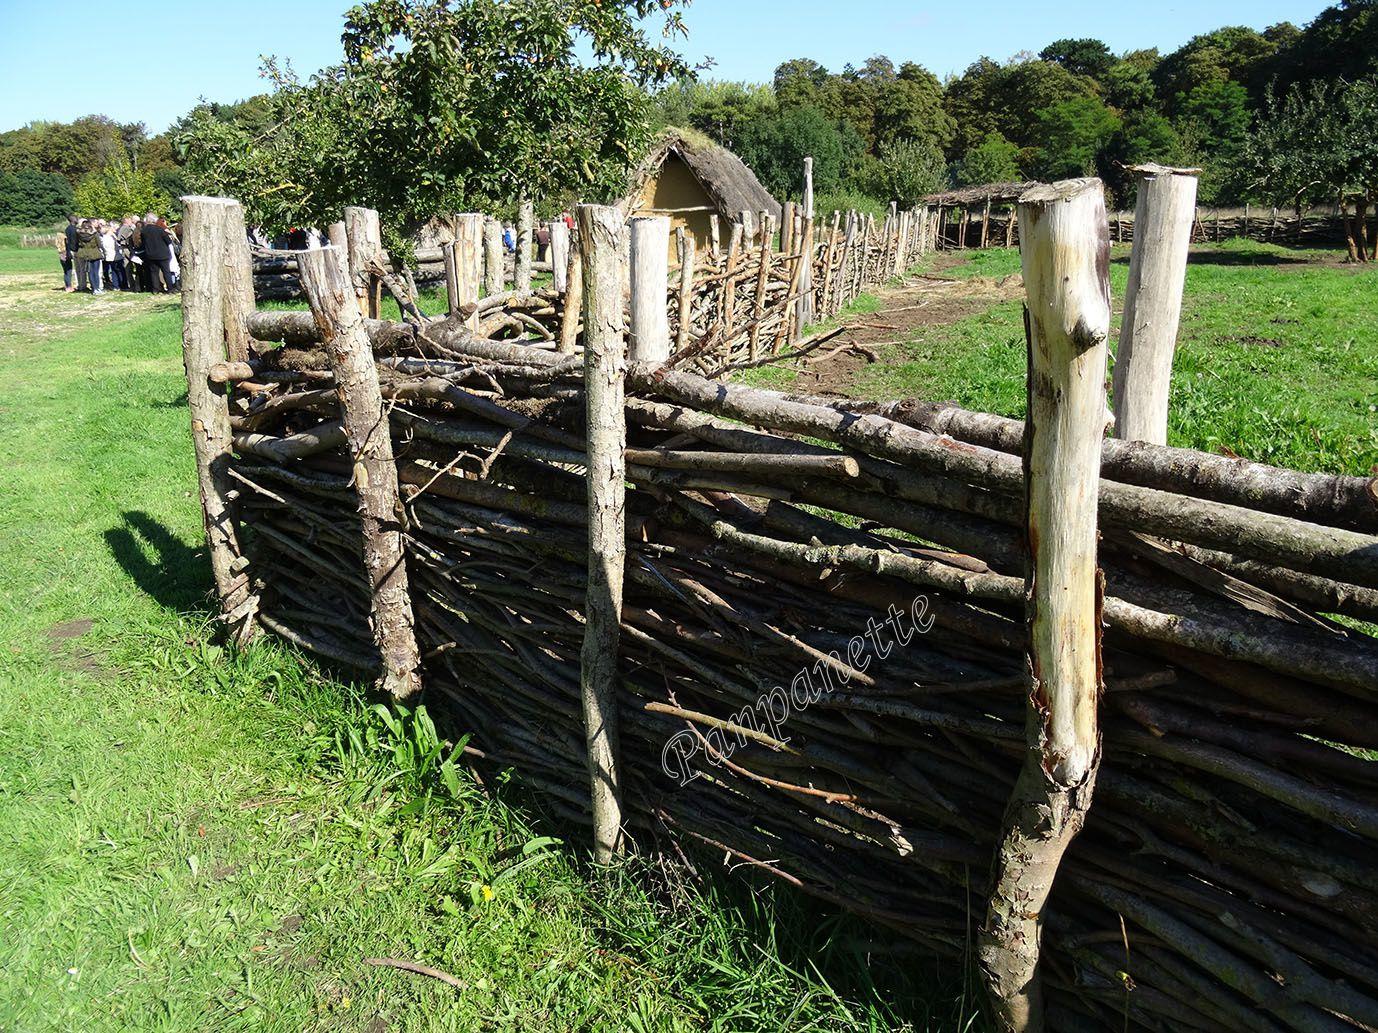 Façon de construire les barrières